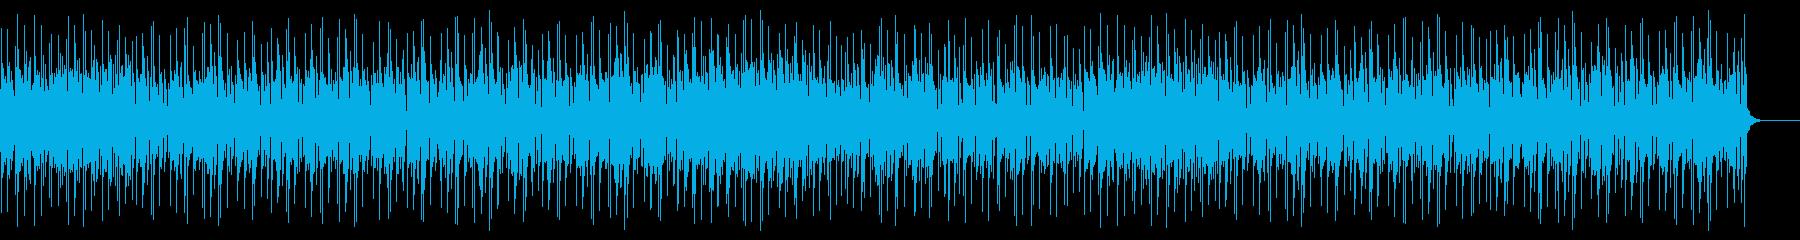 トロピカルでリゾートな南国曲の再生済みの波形